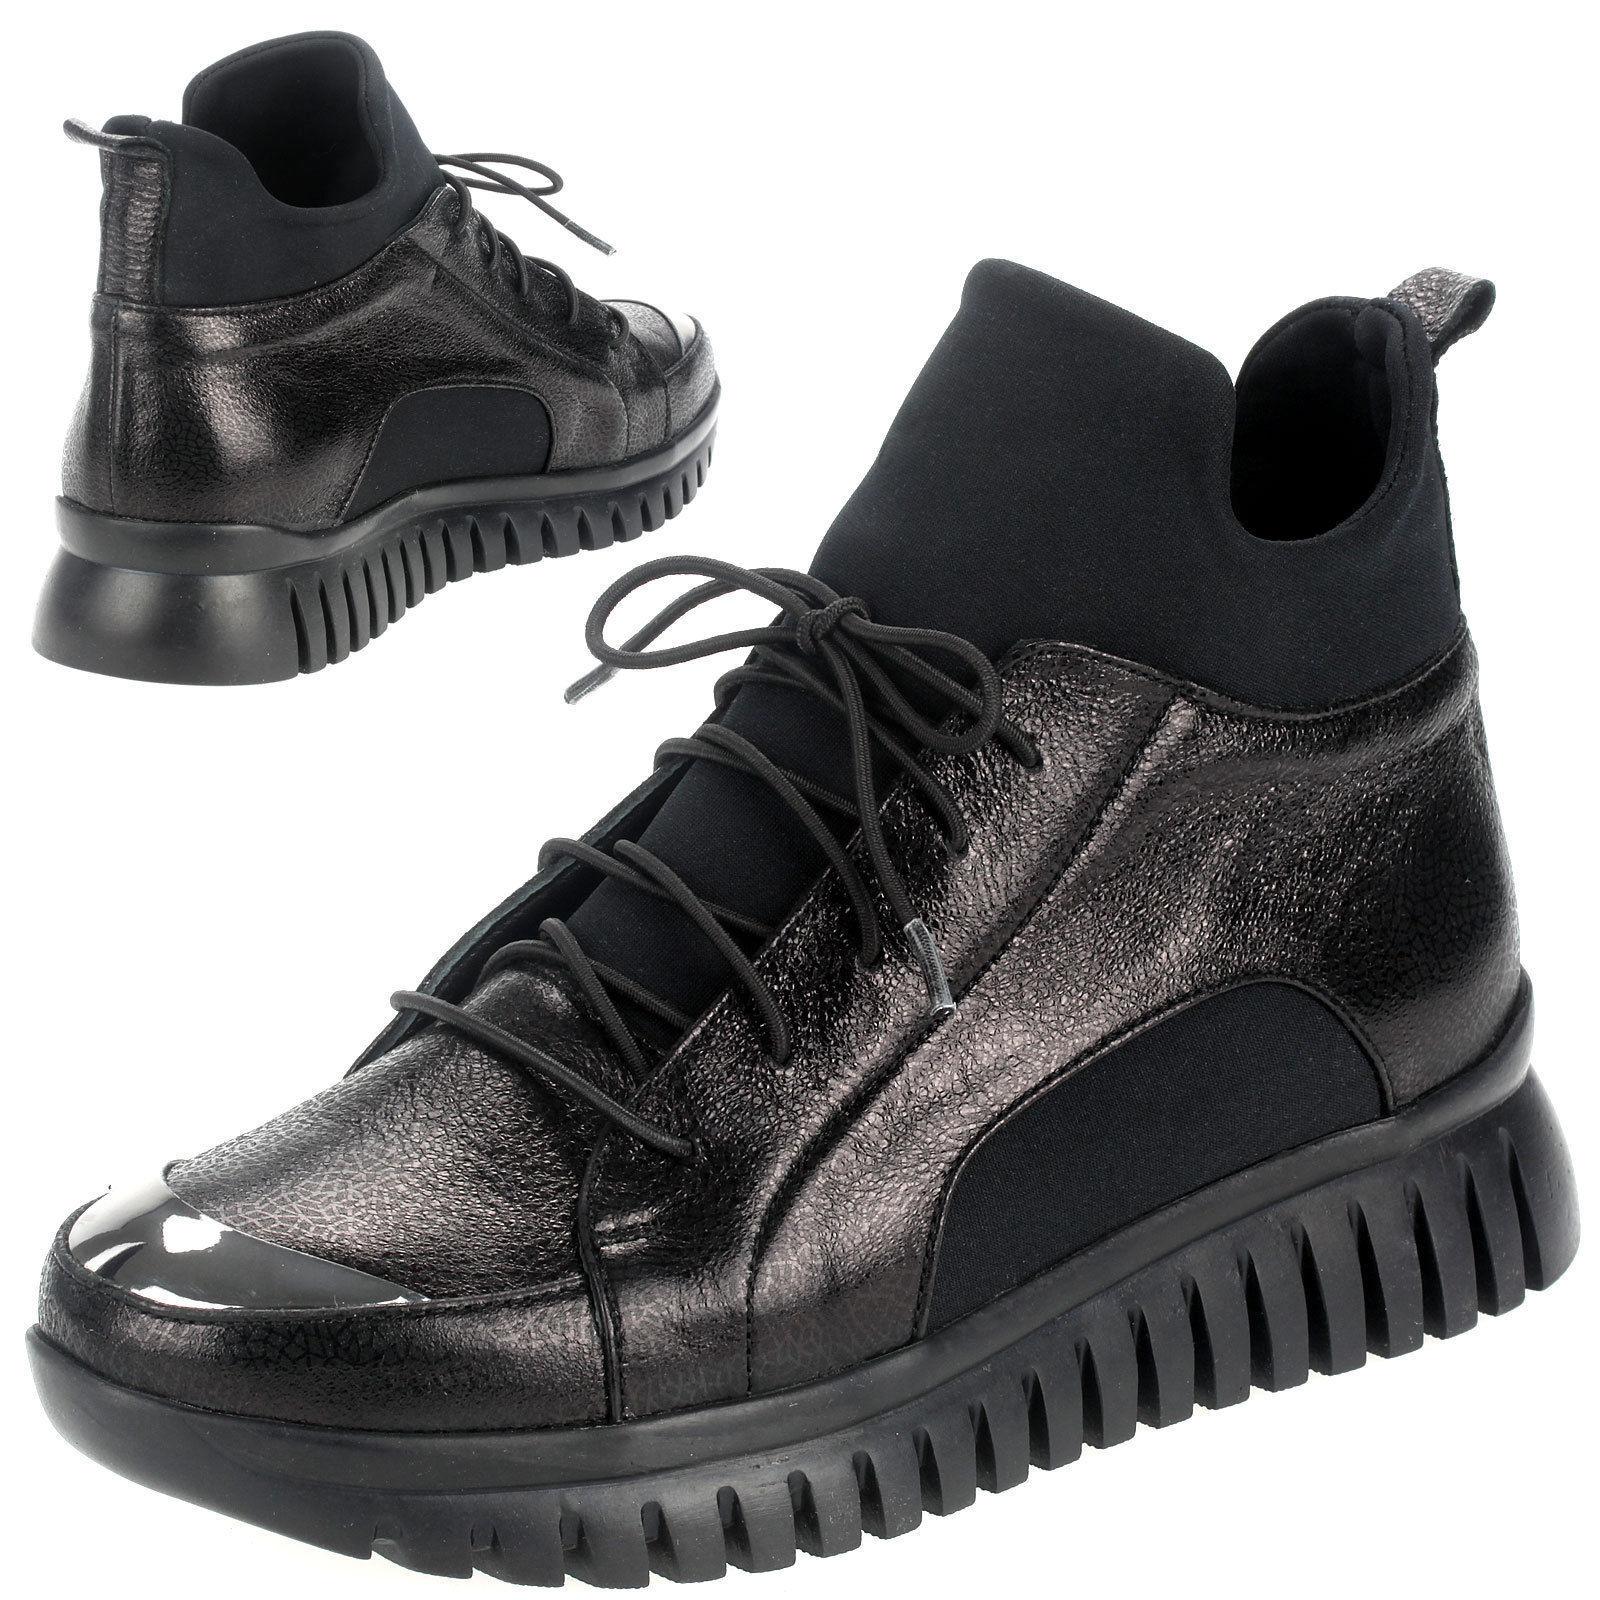 Señora botines botas zapatilla de deporte caballero zapatos casual artiker negro c276